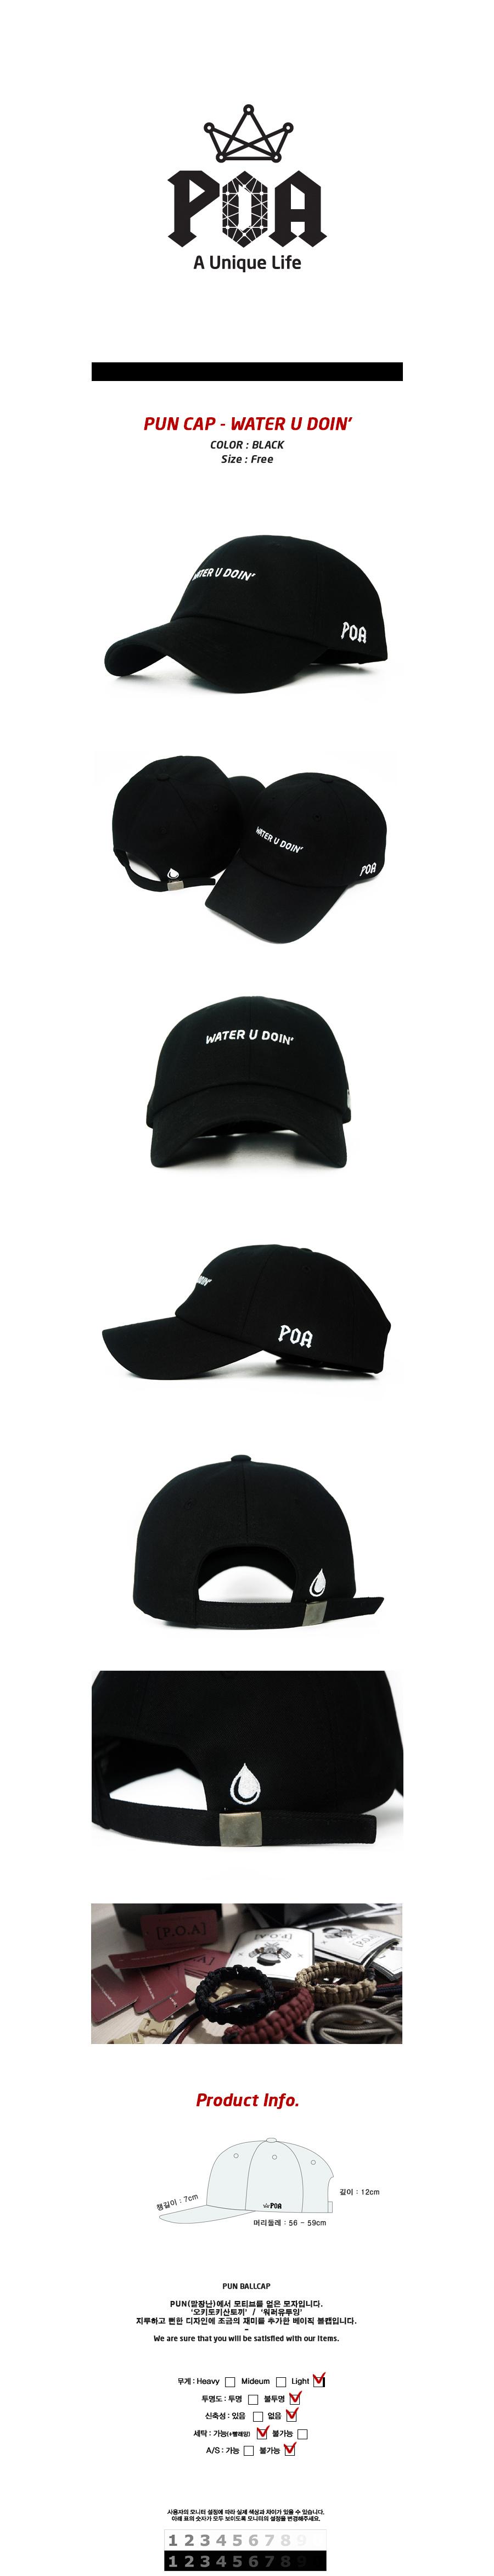 피오에이(P.O.A) 펀 볼캡 - 워터유두잉